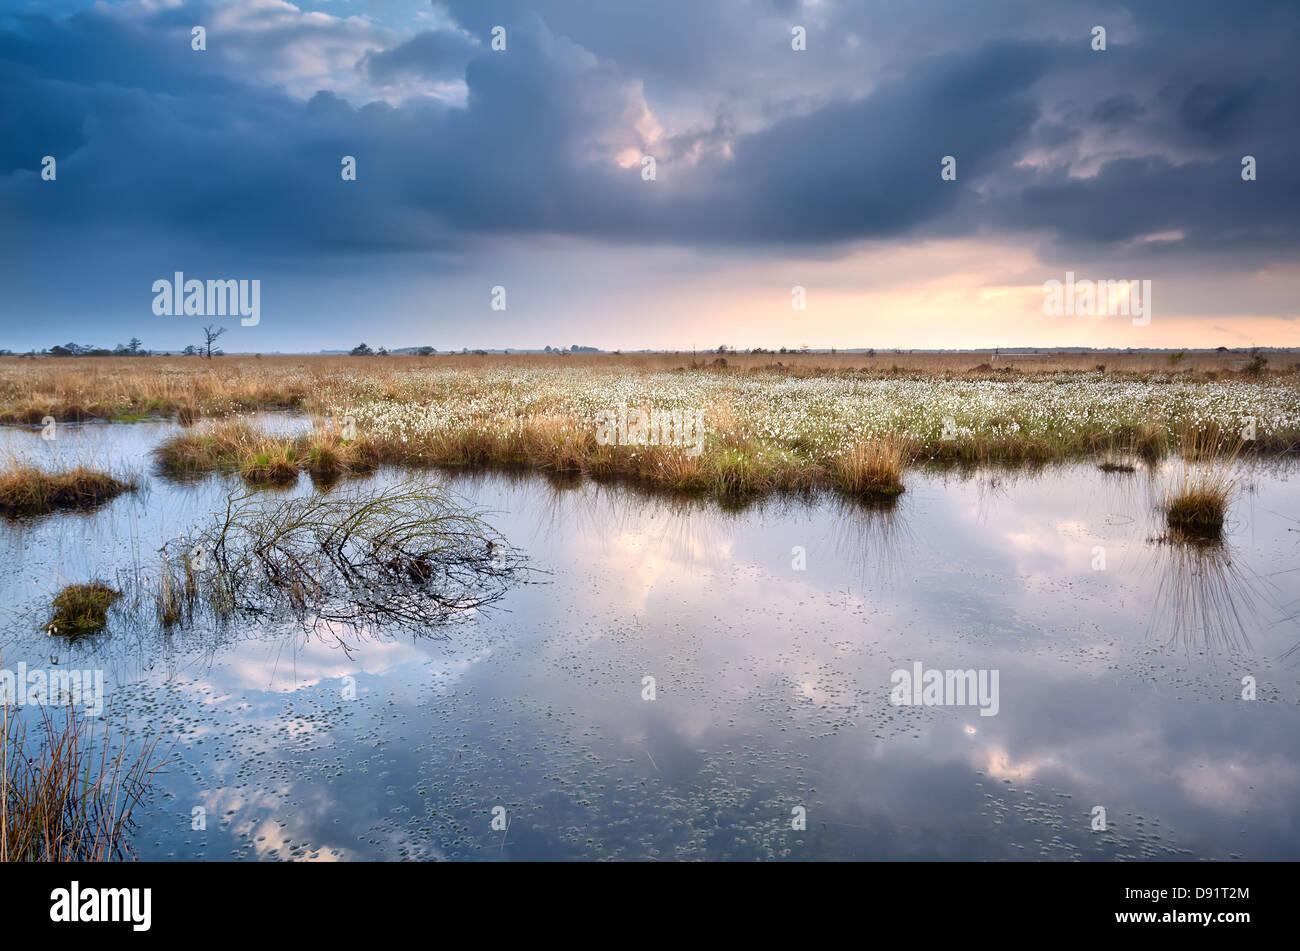 Palude con cottograss con cielo riflessa prima del tramonto Immagini Stock